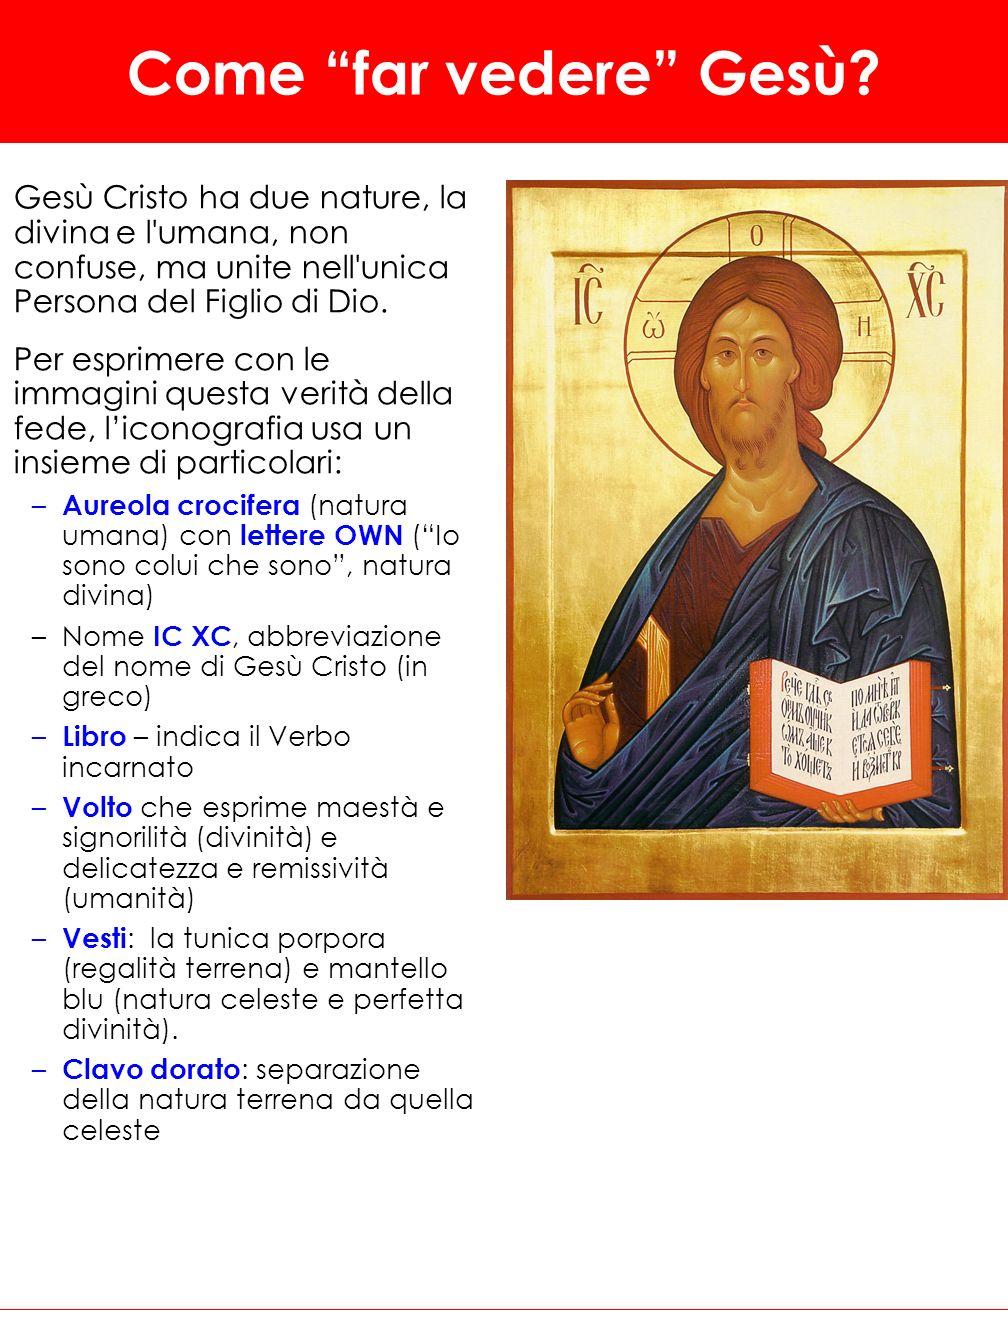 Come far vedere Gesù? Gesù Cristo ha due nature, la divina e l'umana, non confuse, ma unite nell'unica Persona del Figlio di Dio. Per esprimere con le